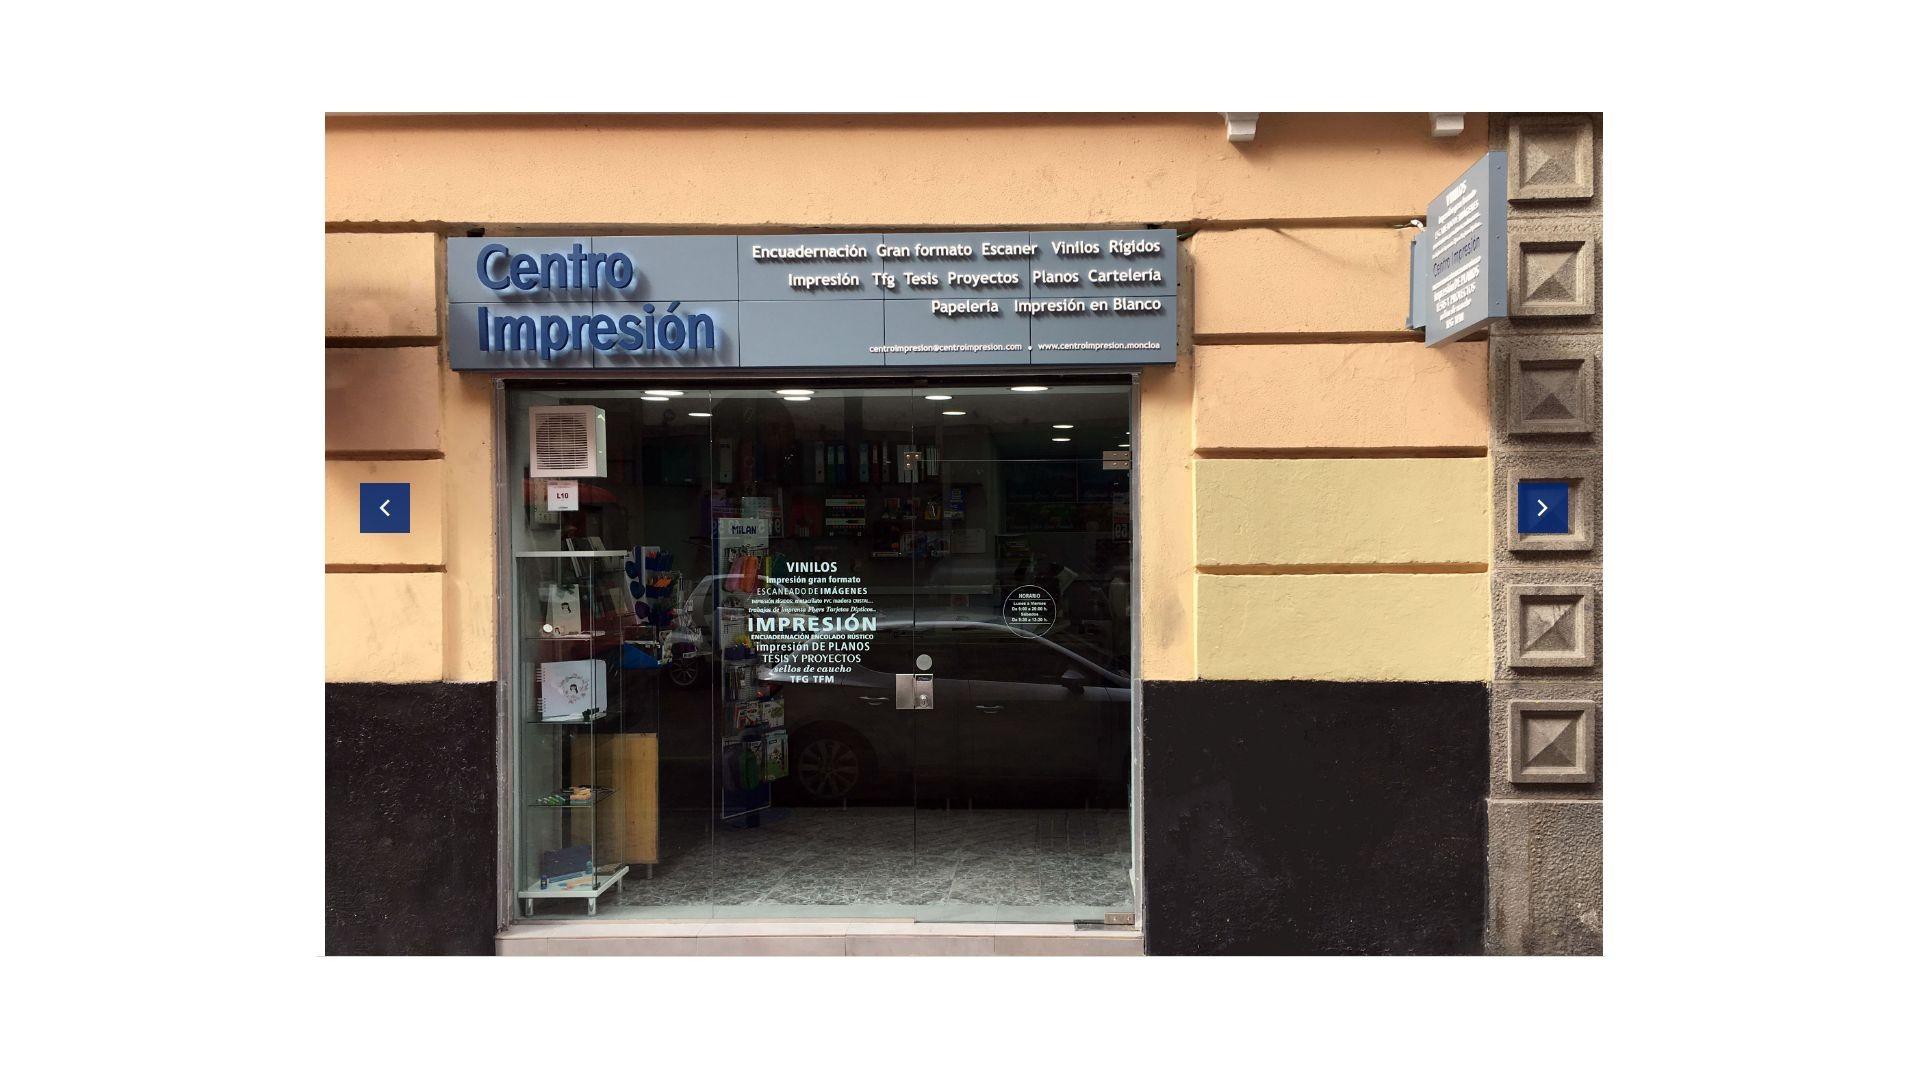 Centro de impresión en Moncloa